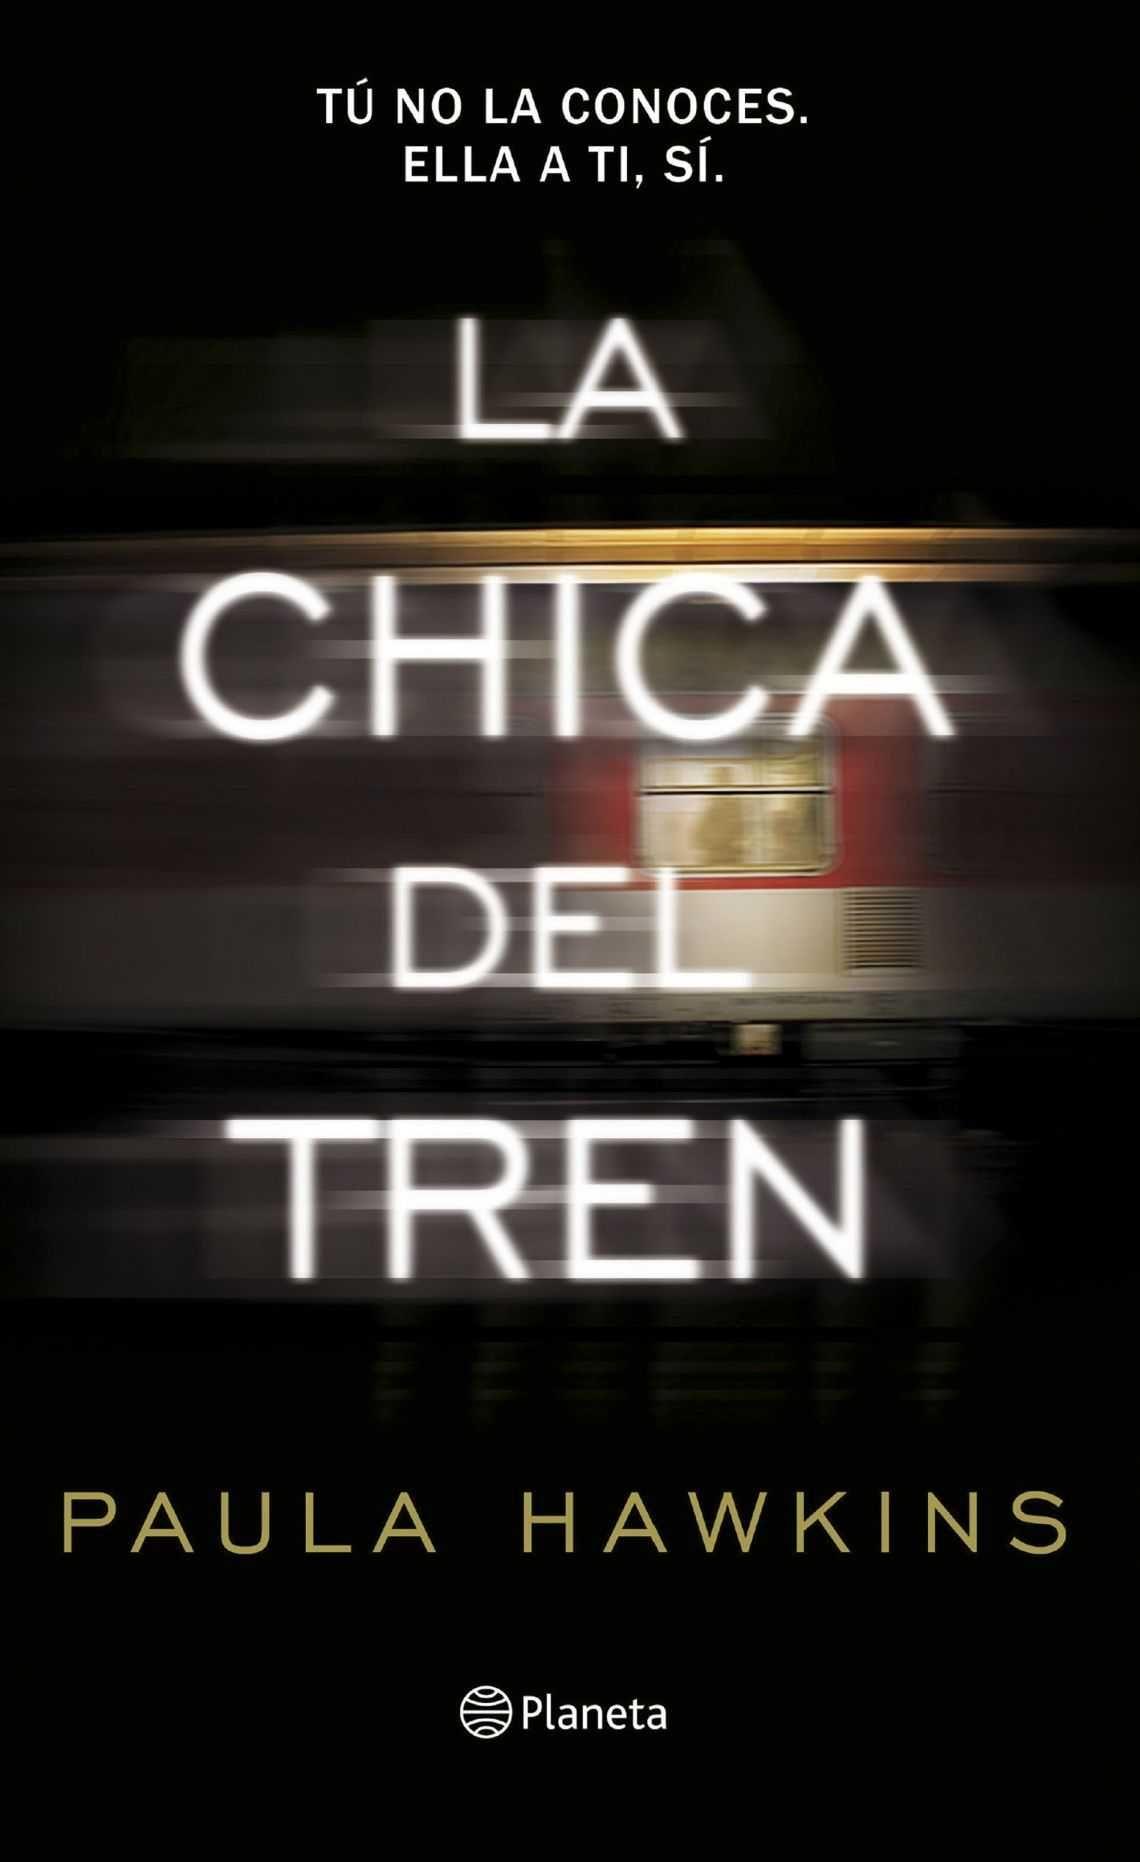 Literatura y trenes: ¡Atentos al cruce de vías!_La chica del tren